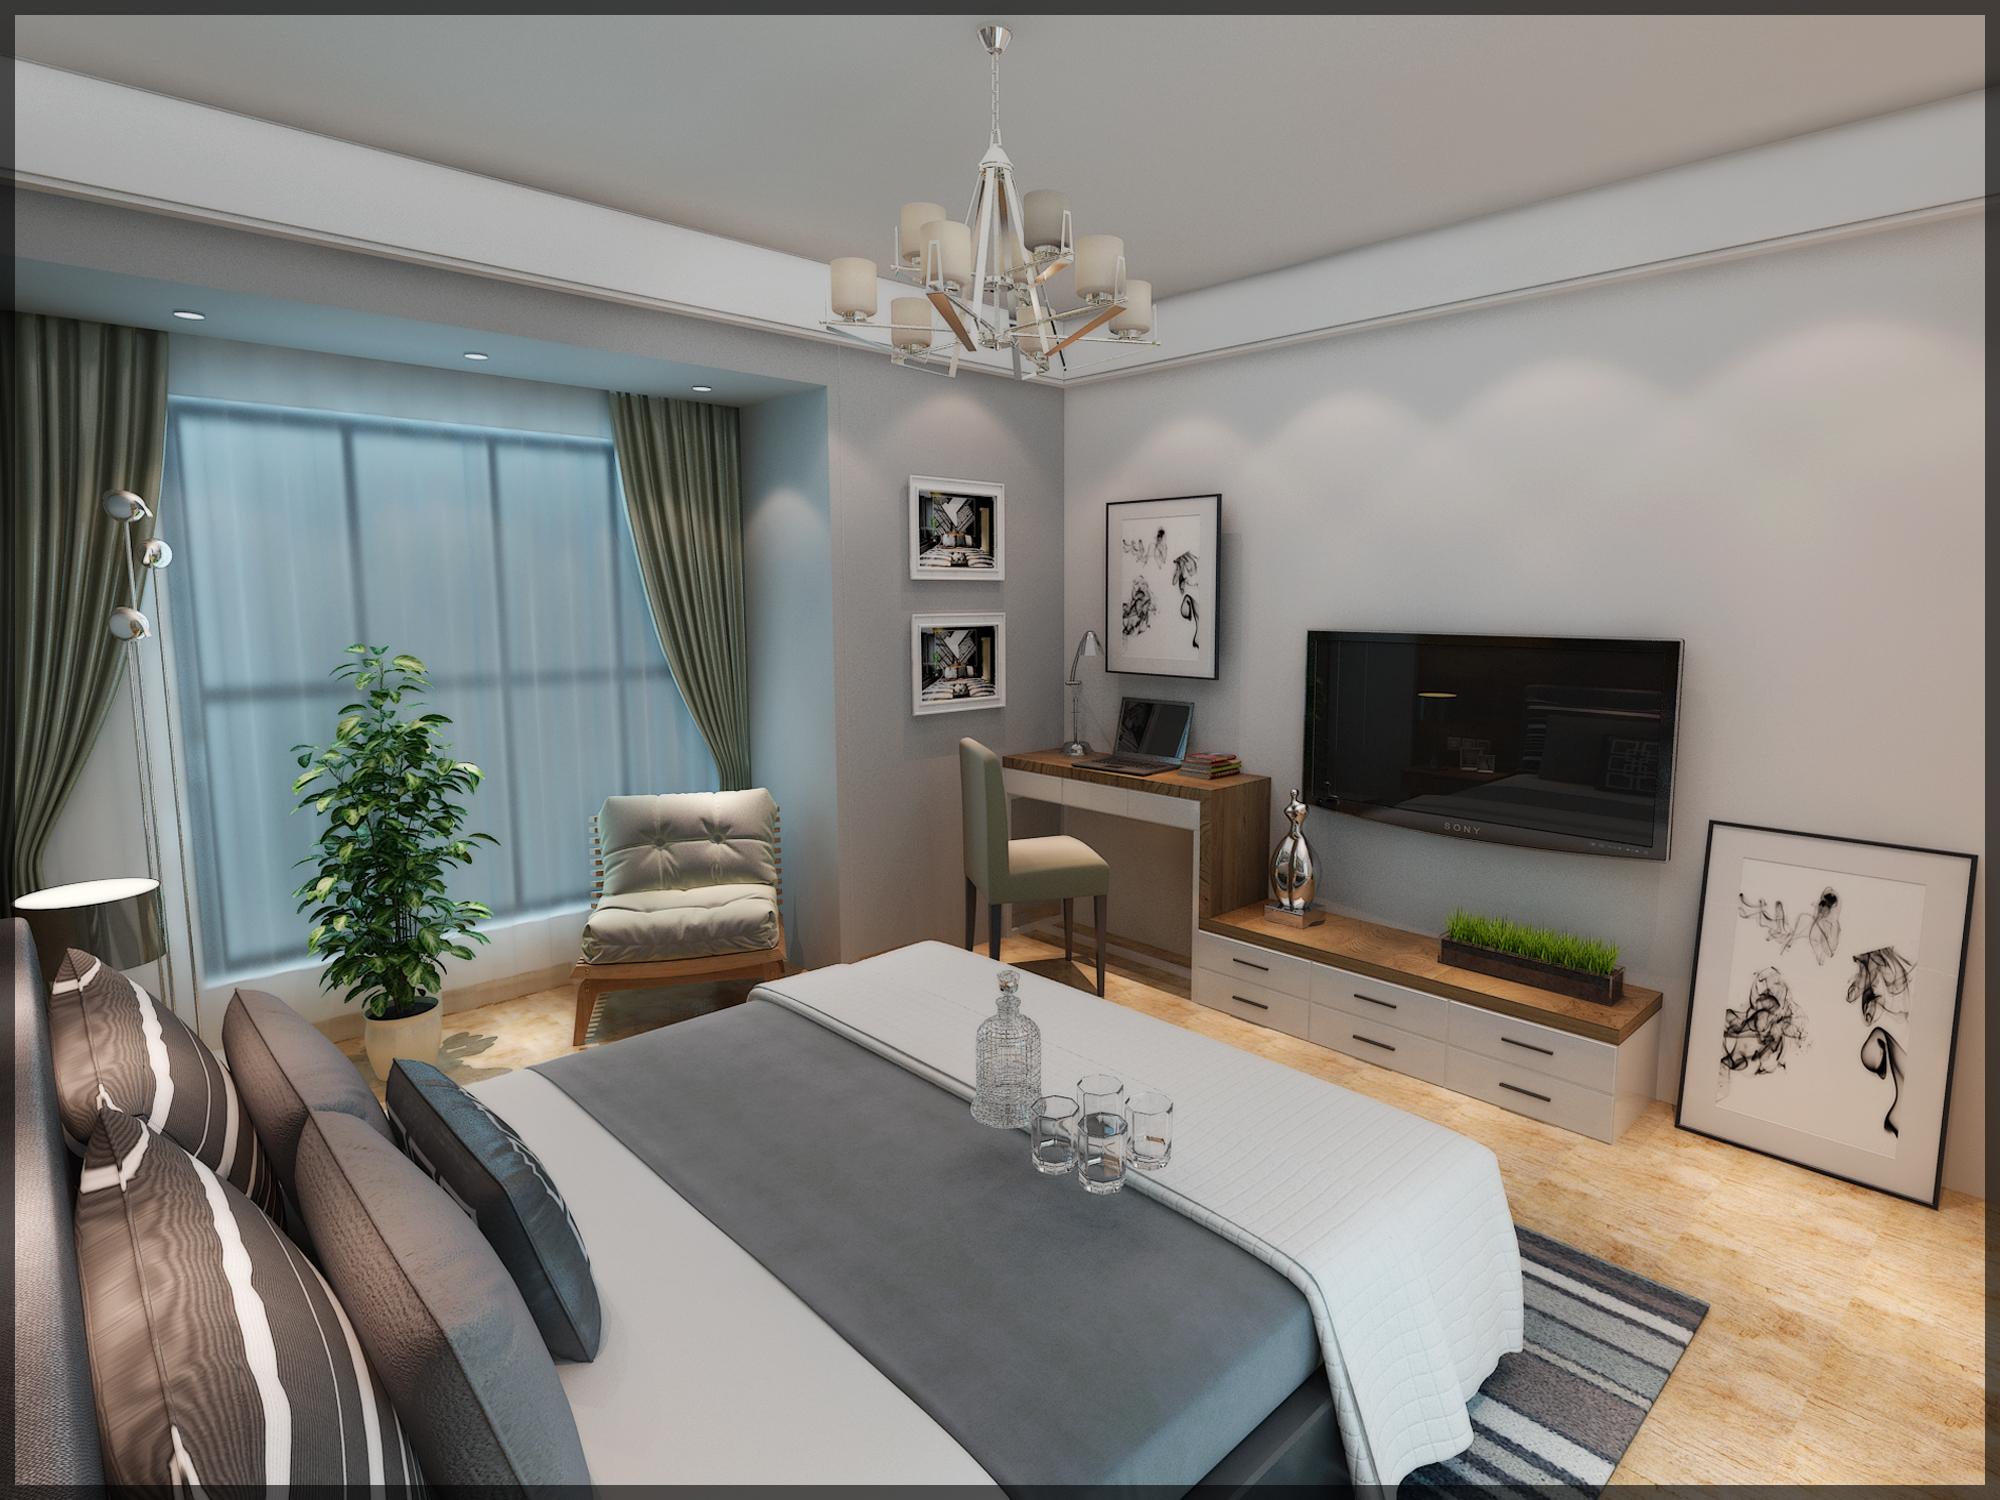 諾丁山的夢,合肥融僑觀邸婚房現代風格+loft